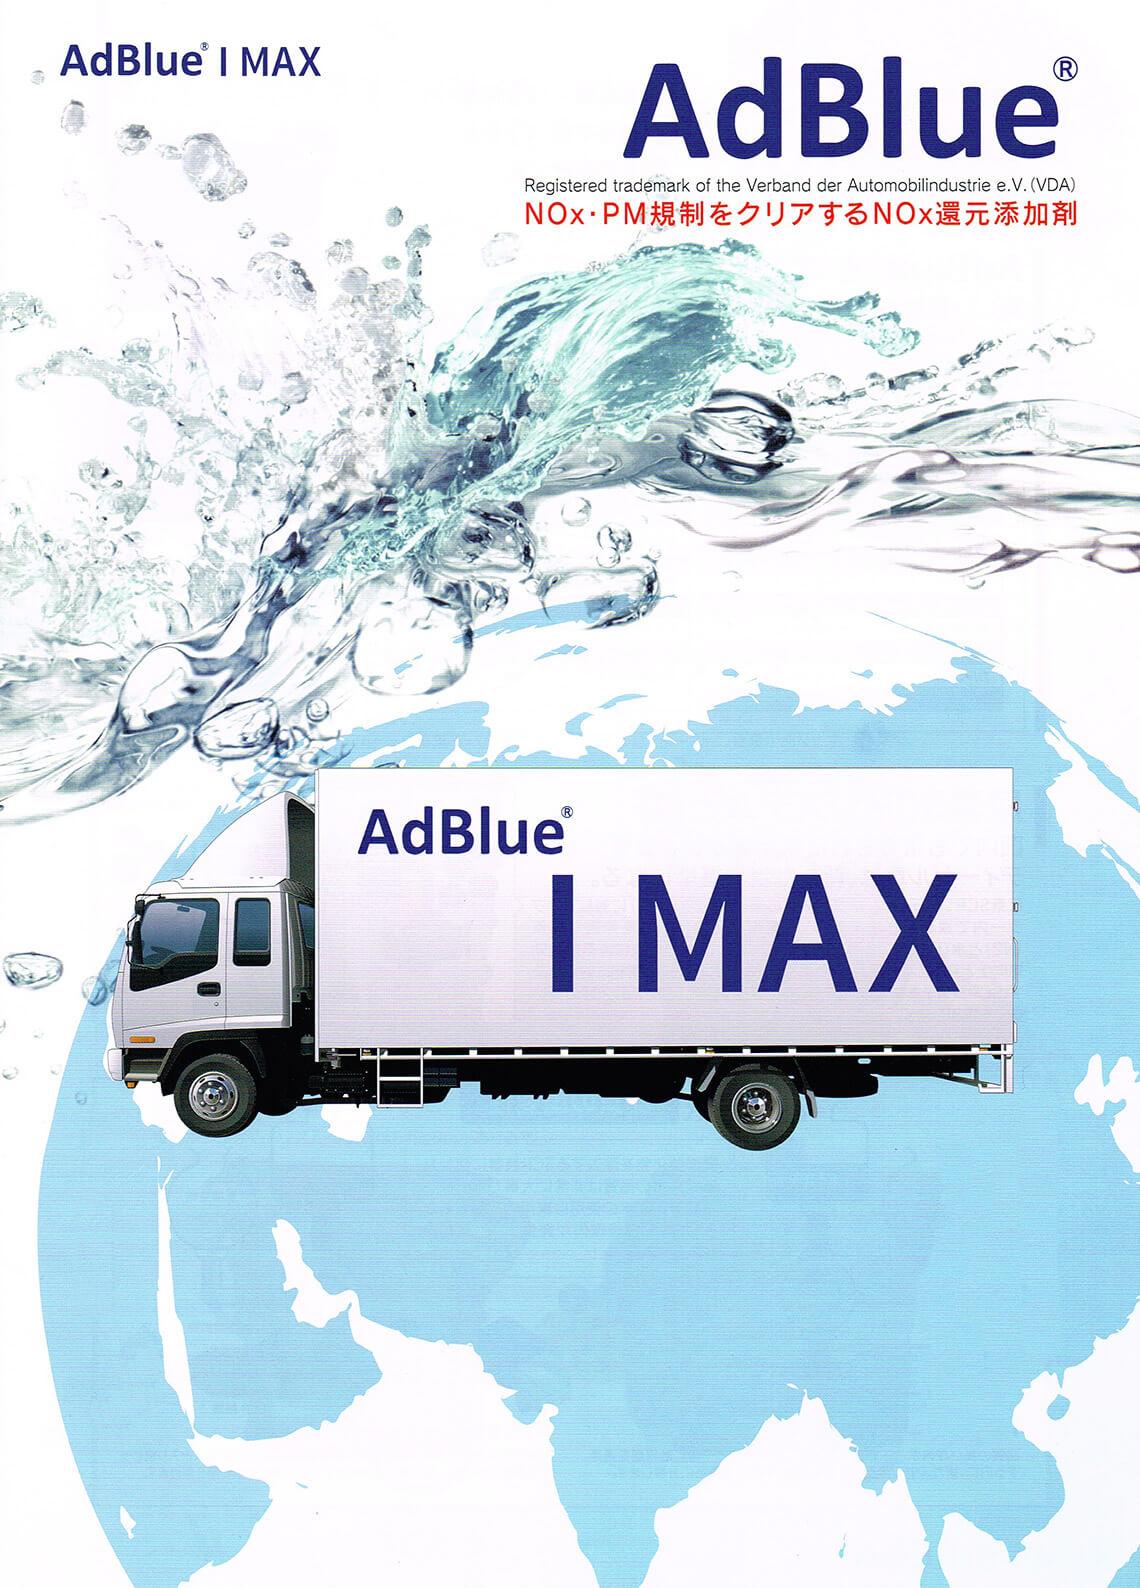 AdBlue I MAX